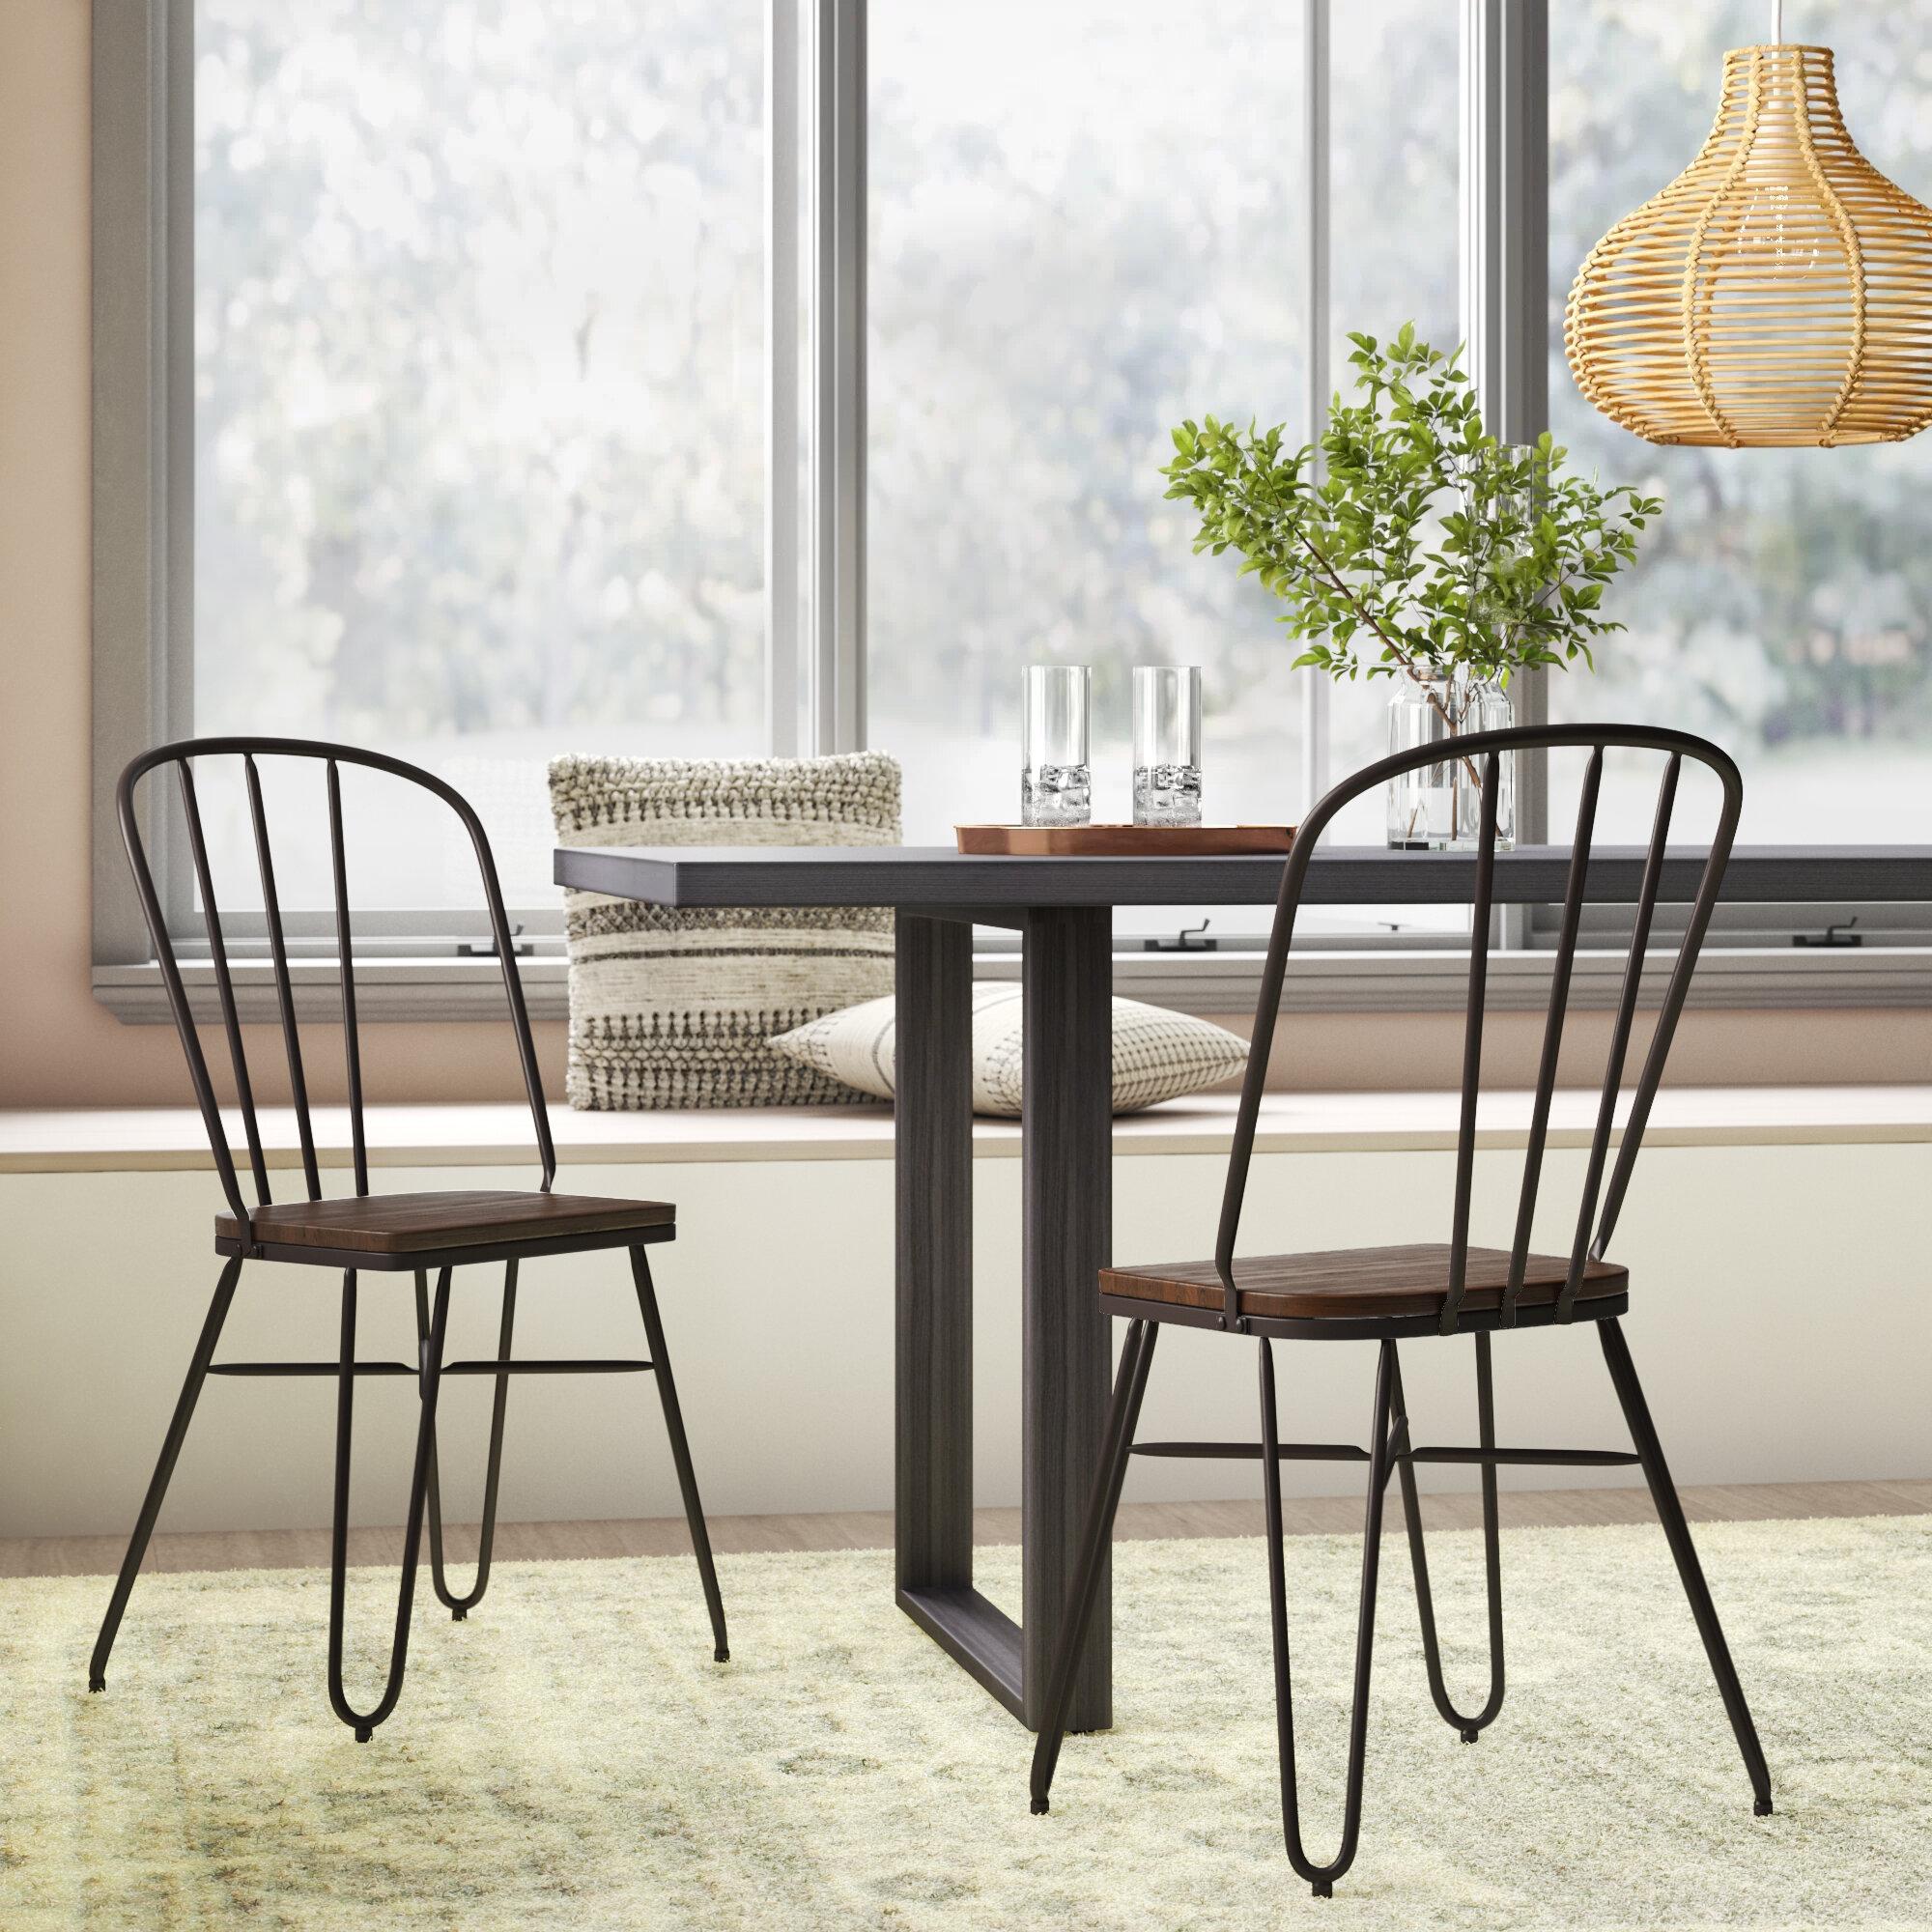 Szymanski Industrial Solid Wood Dining Chair